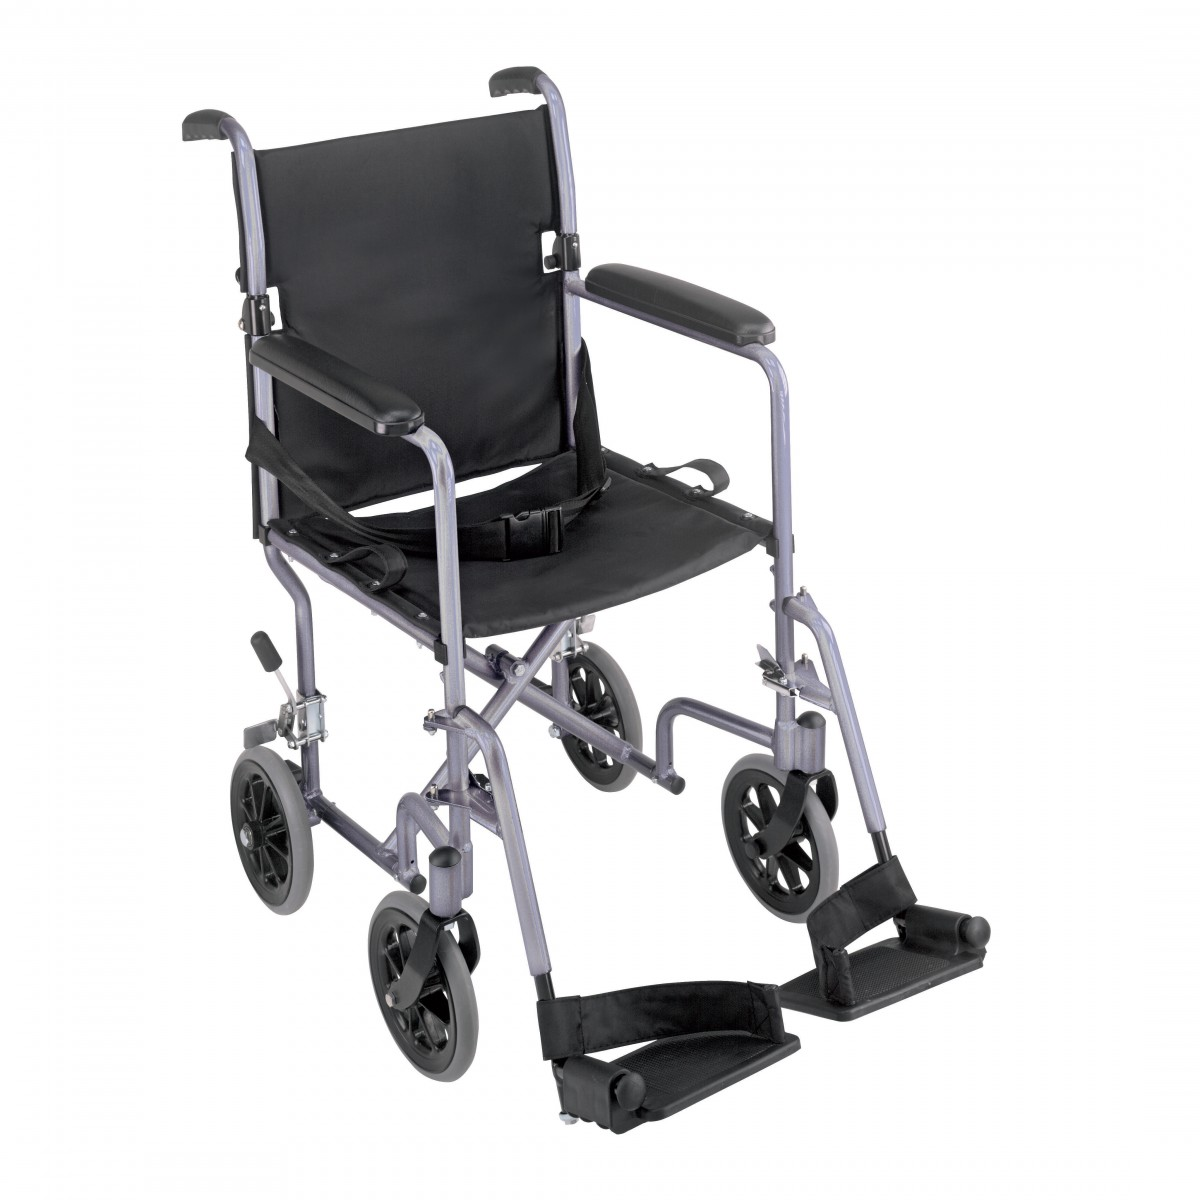 Mabis Ultra Lightweight Aluminum Transport Chair